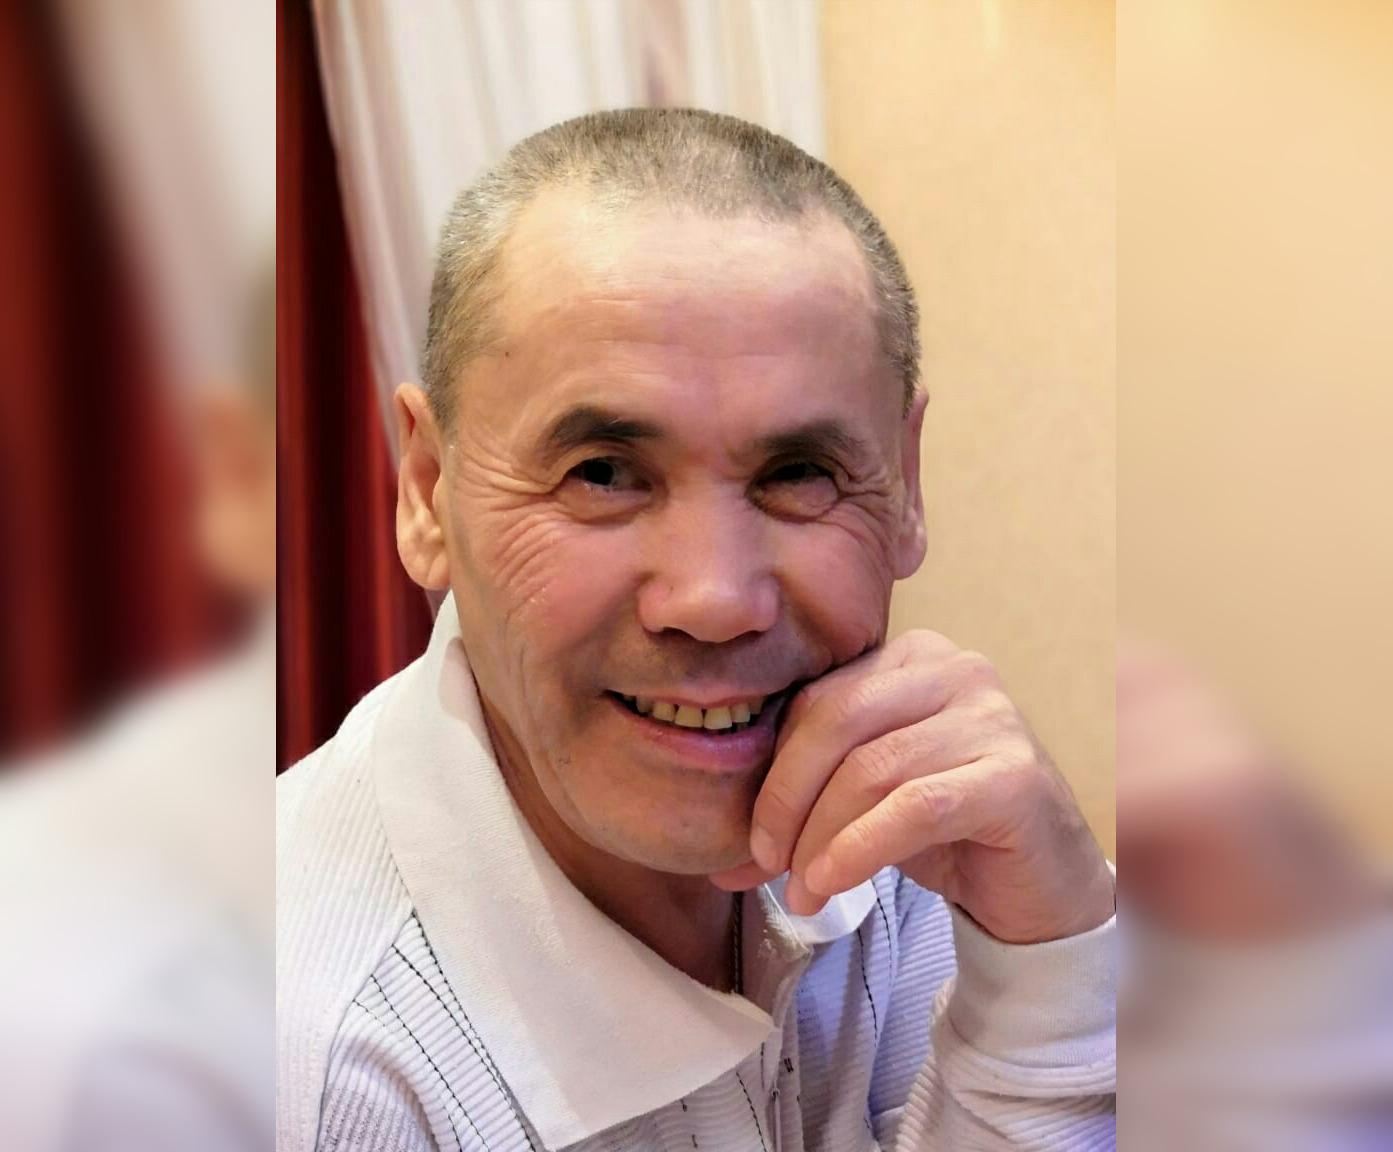 В Уфе ищут без пропавшего пенсионера – Мужчина нуждается в медицинской помощи